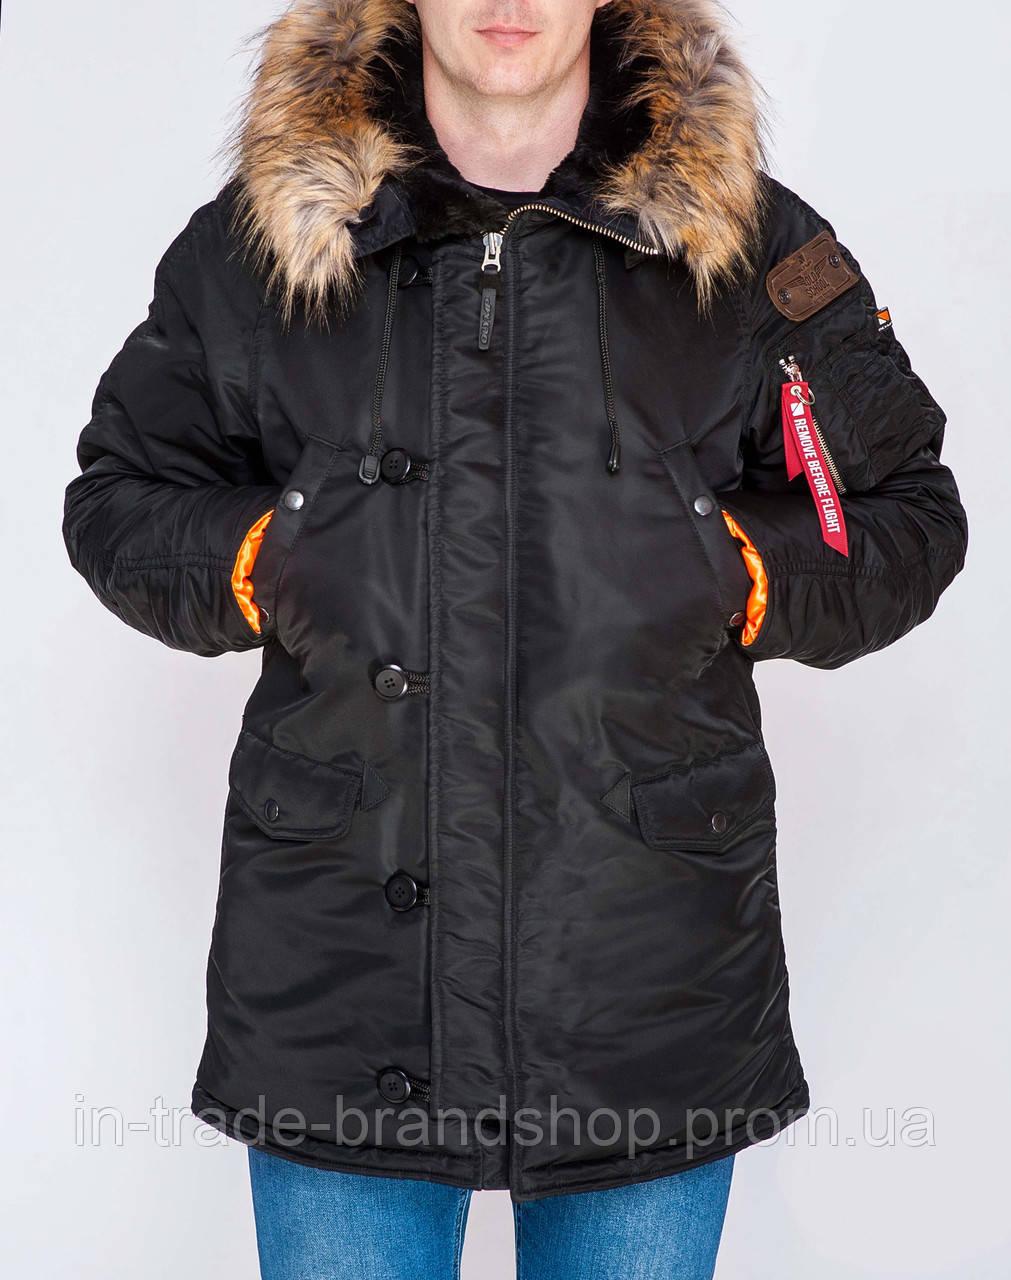 Парка Olymp — Аляска N-3B Old School, Slim Fit, Color: Black. 100% НЕЙЛОН